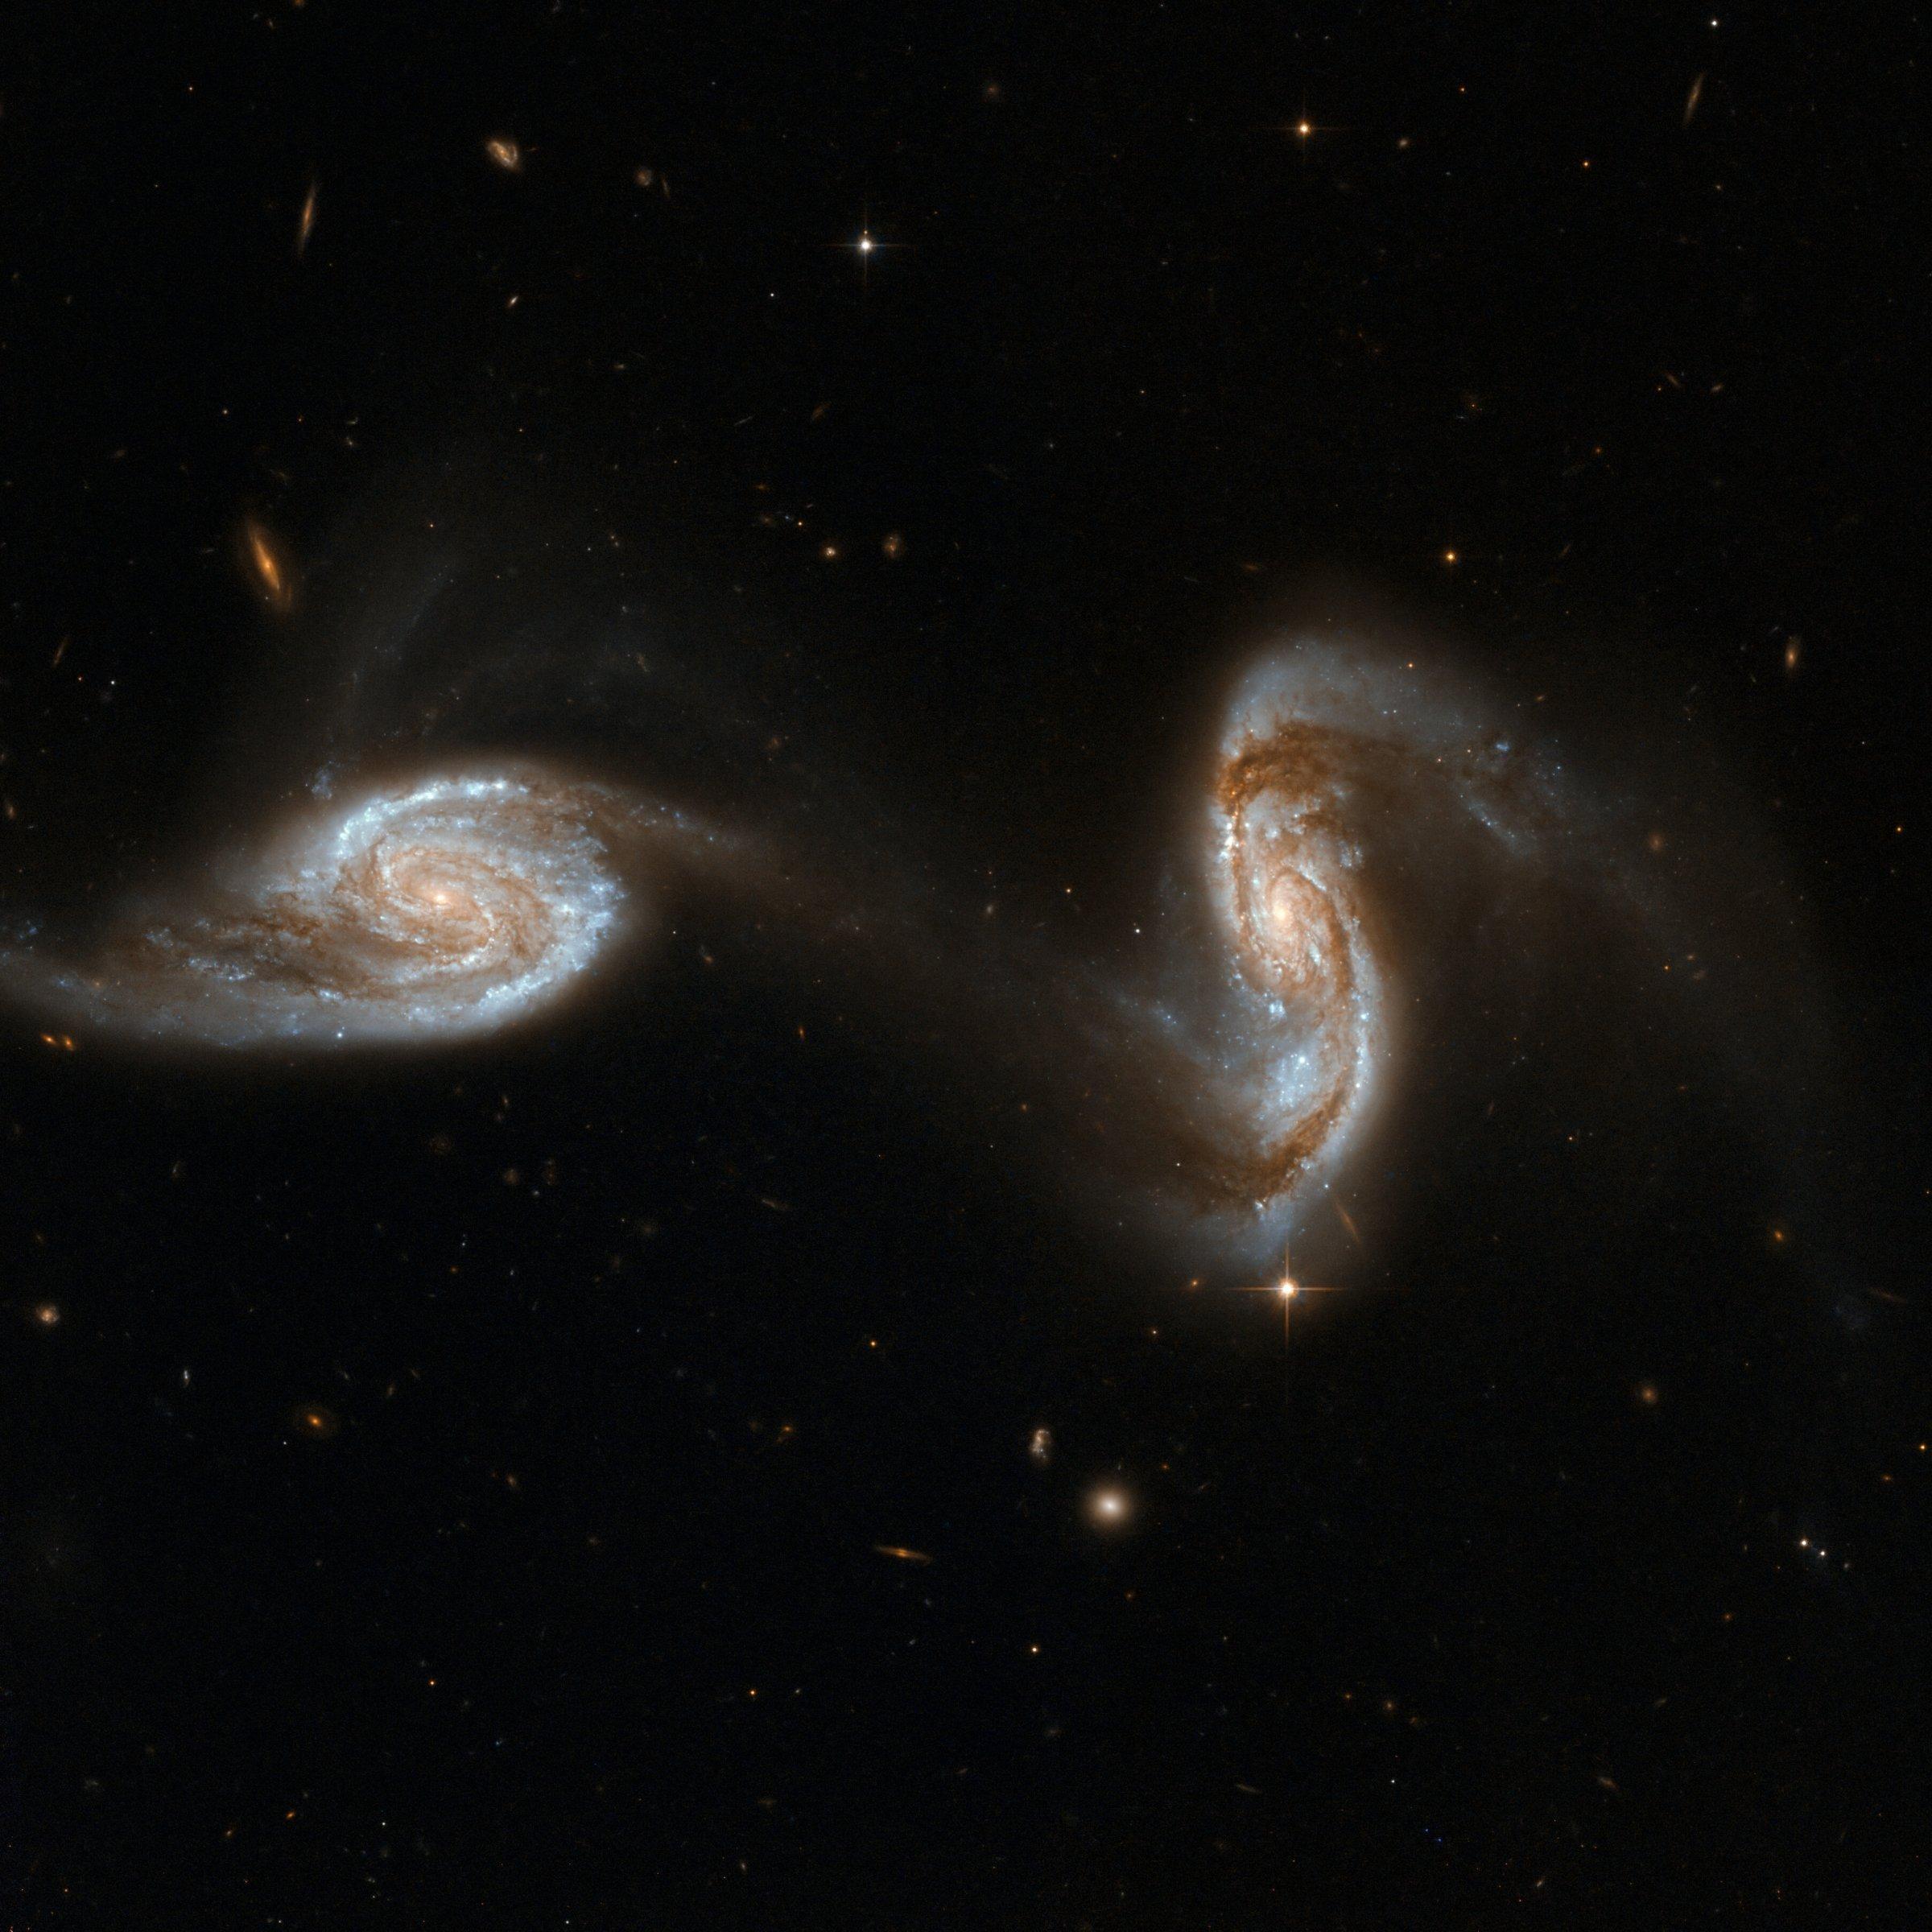 Zwei Galaxien sind sich sehr nahe gekommen, so dass ein Arm der einen bereits in die zweite Galaxie übergeht.